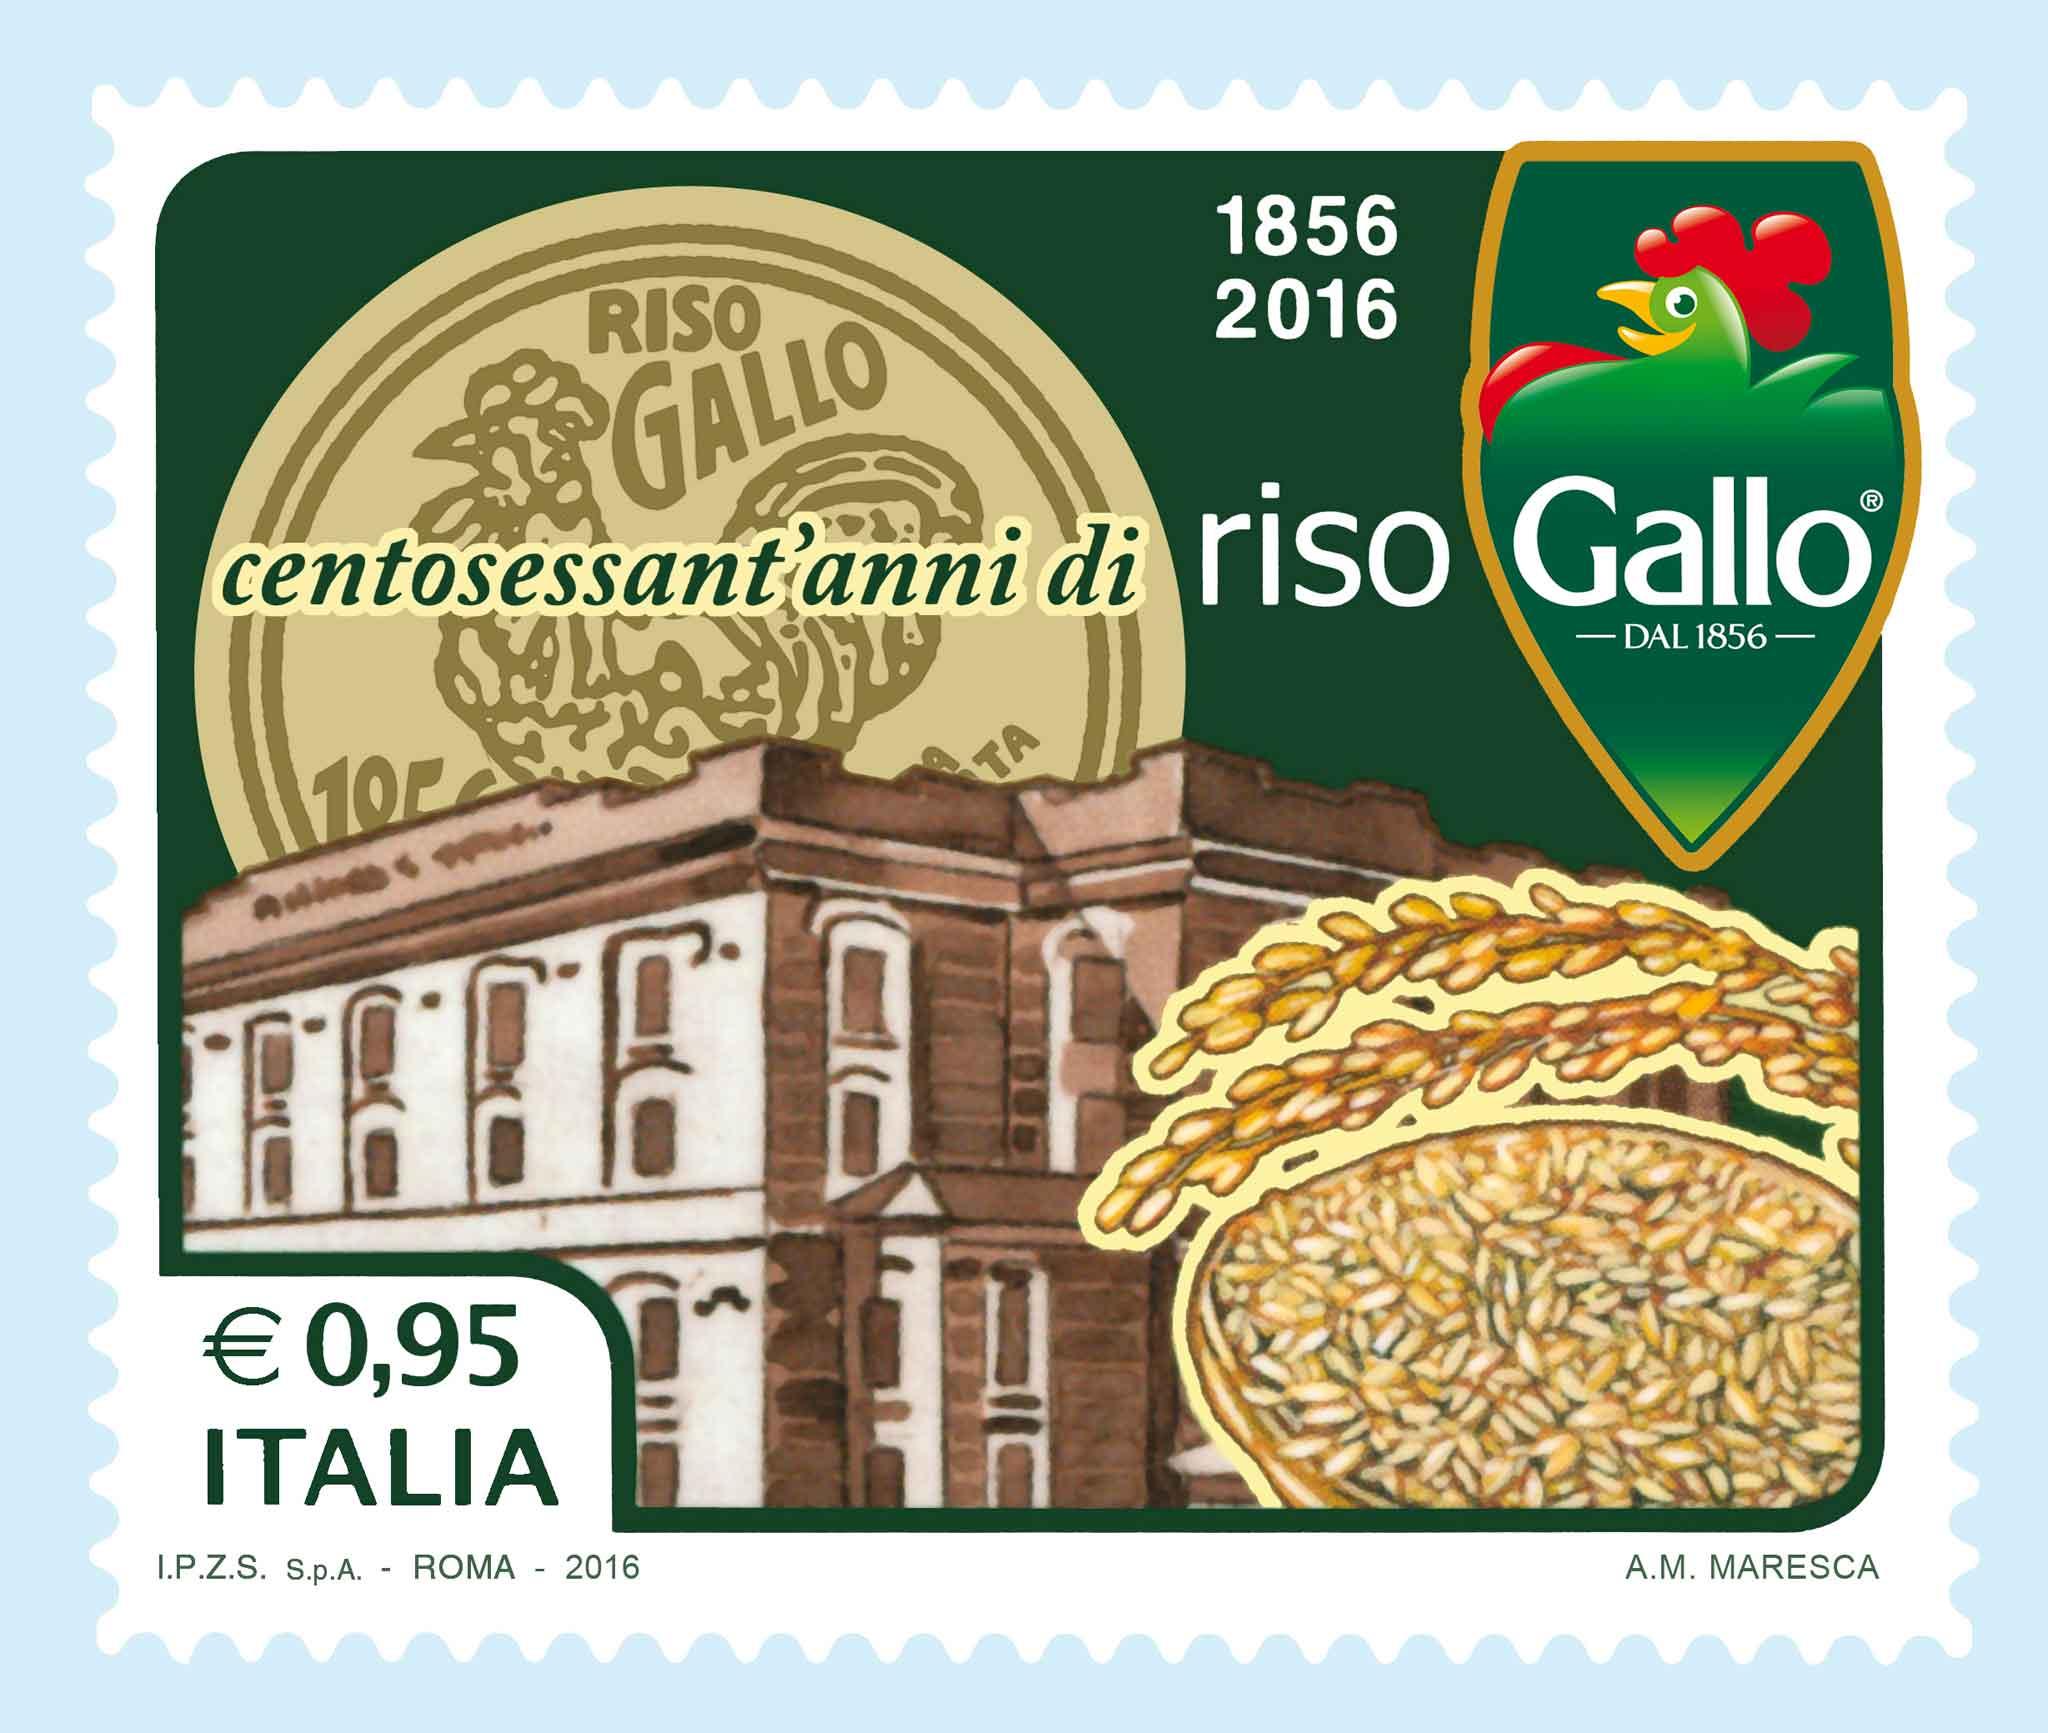 francobollo-160-anni-riso-gallo